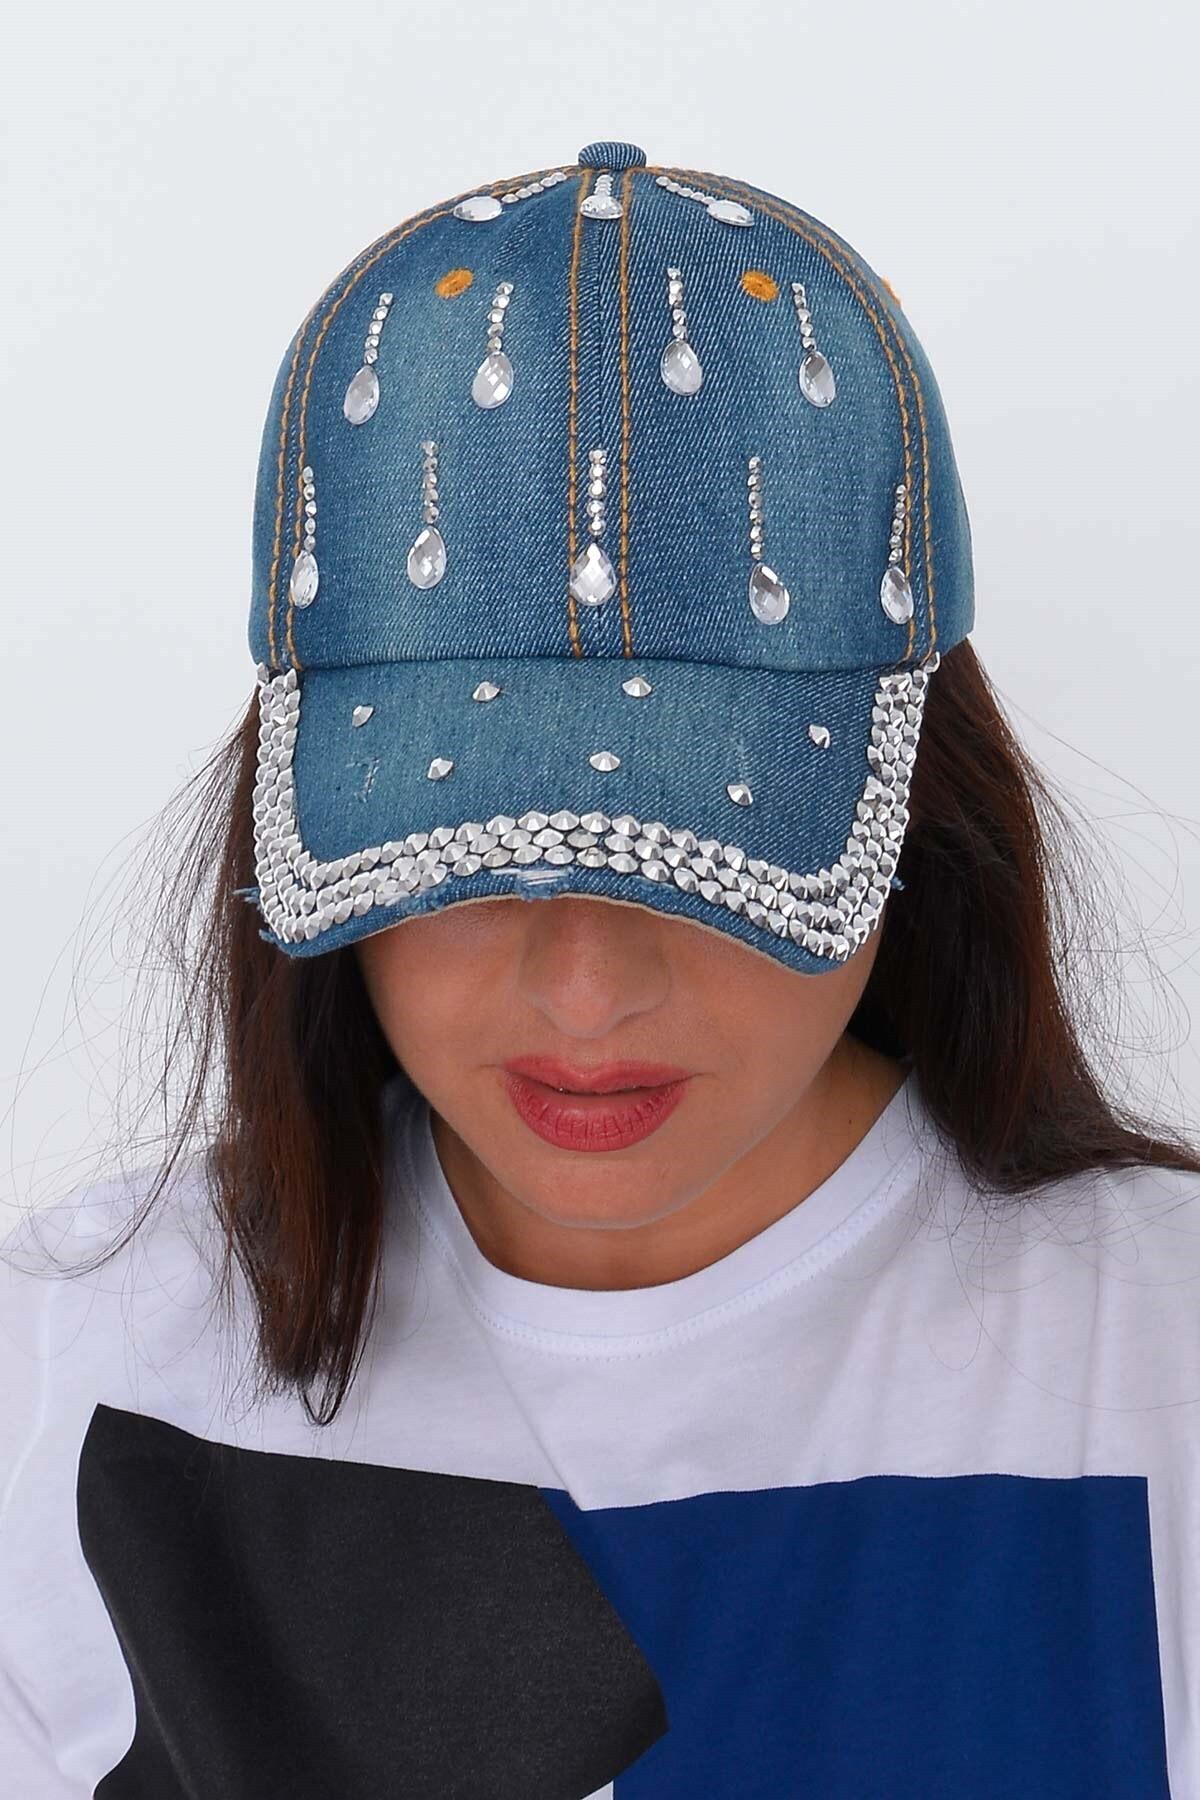 Mossta Kadın Koyu Mavi Damla Taşlı Kot Şapka 2